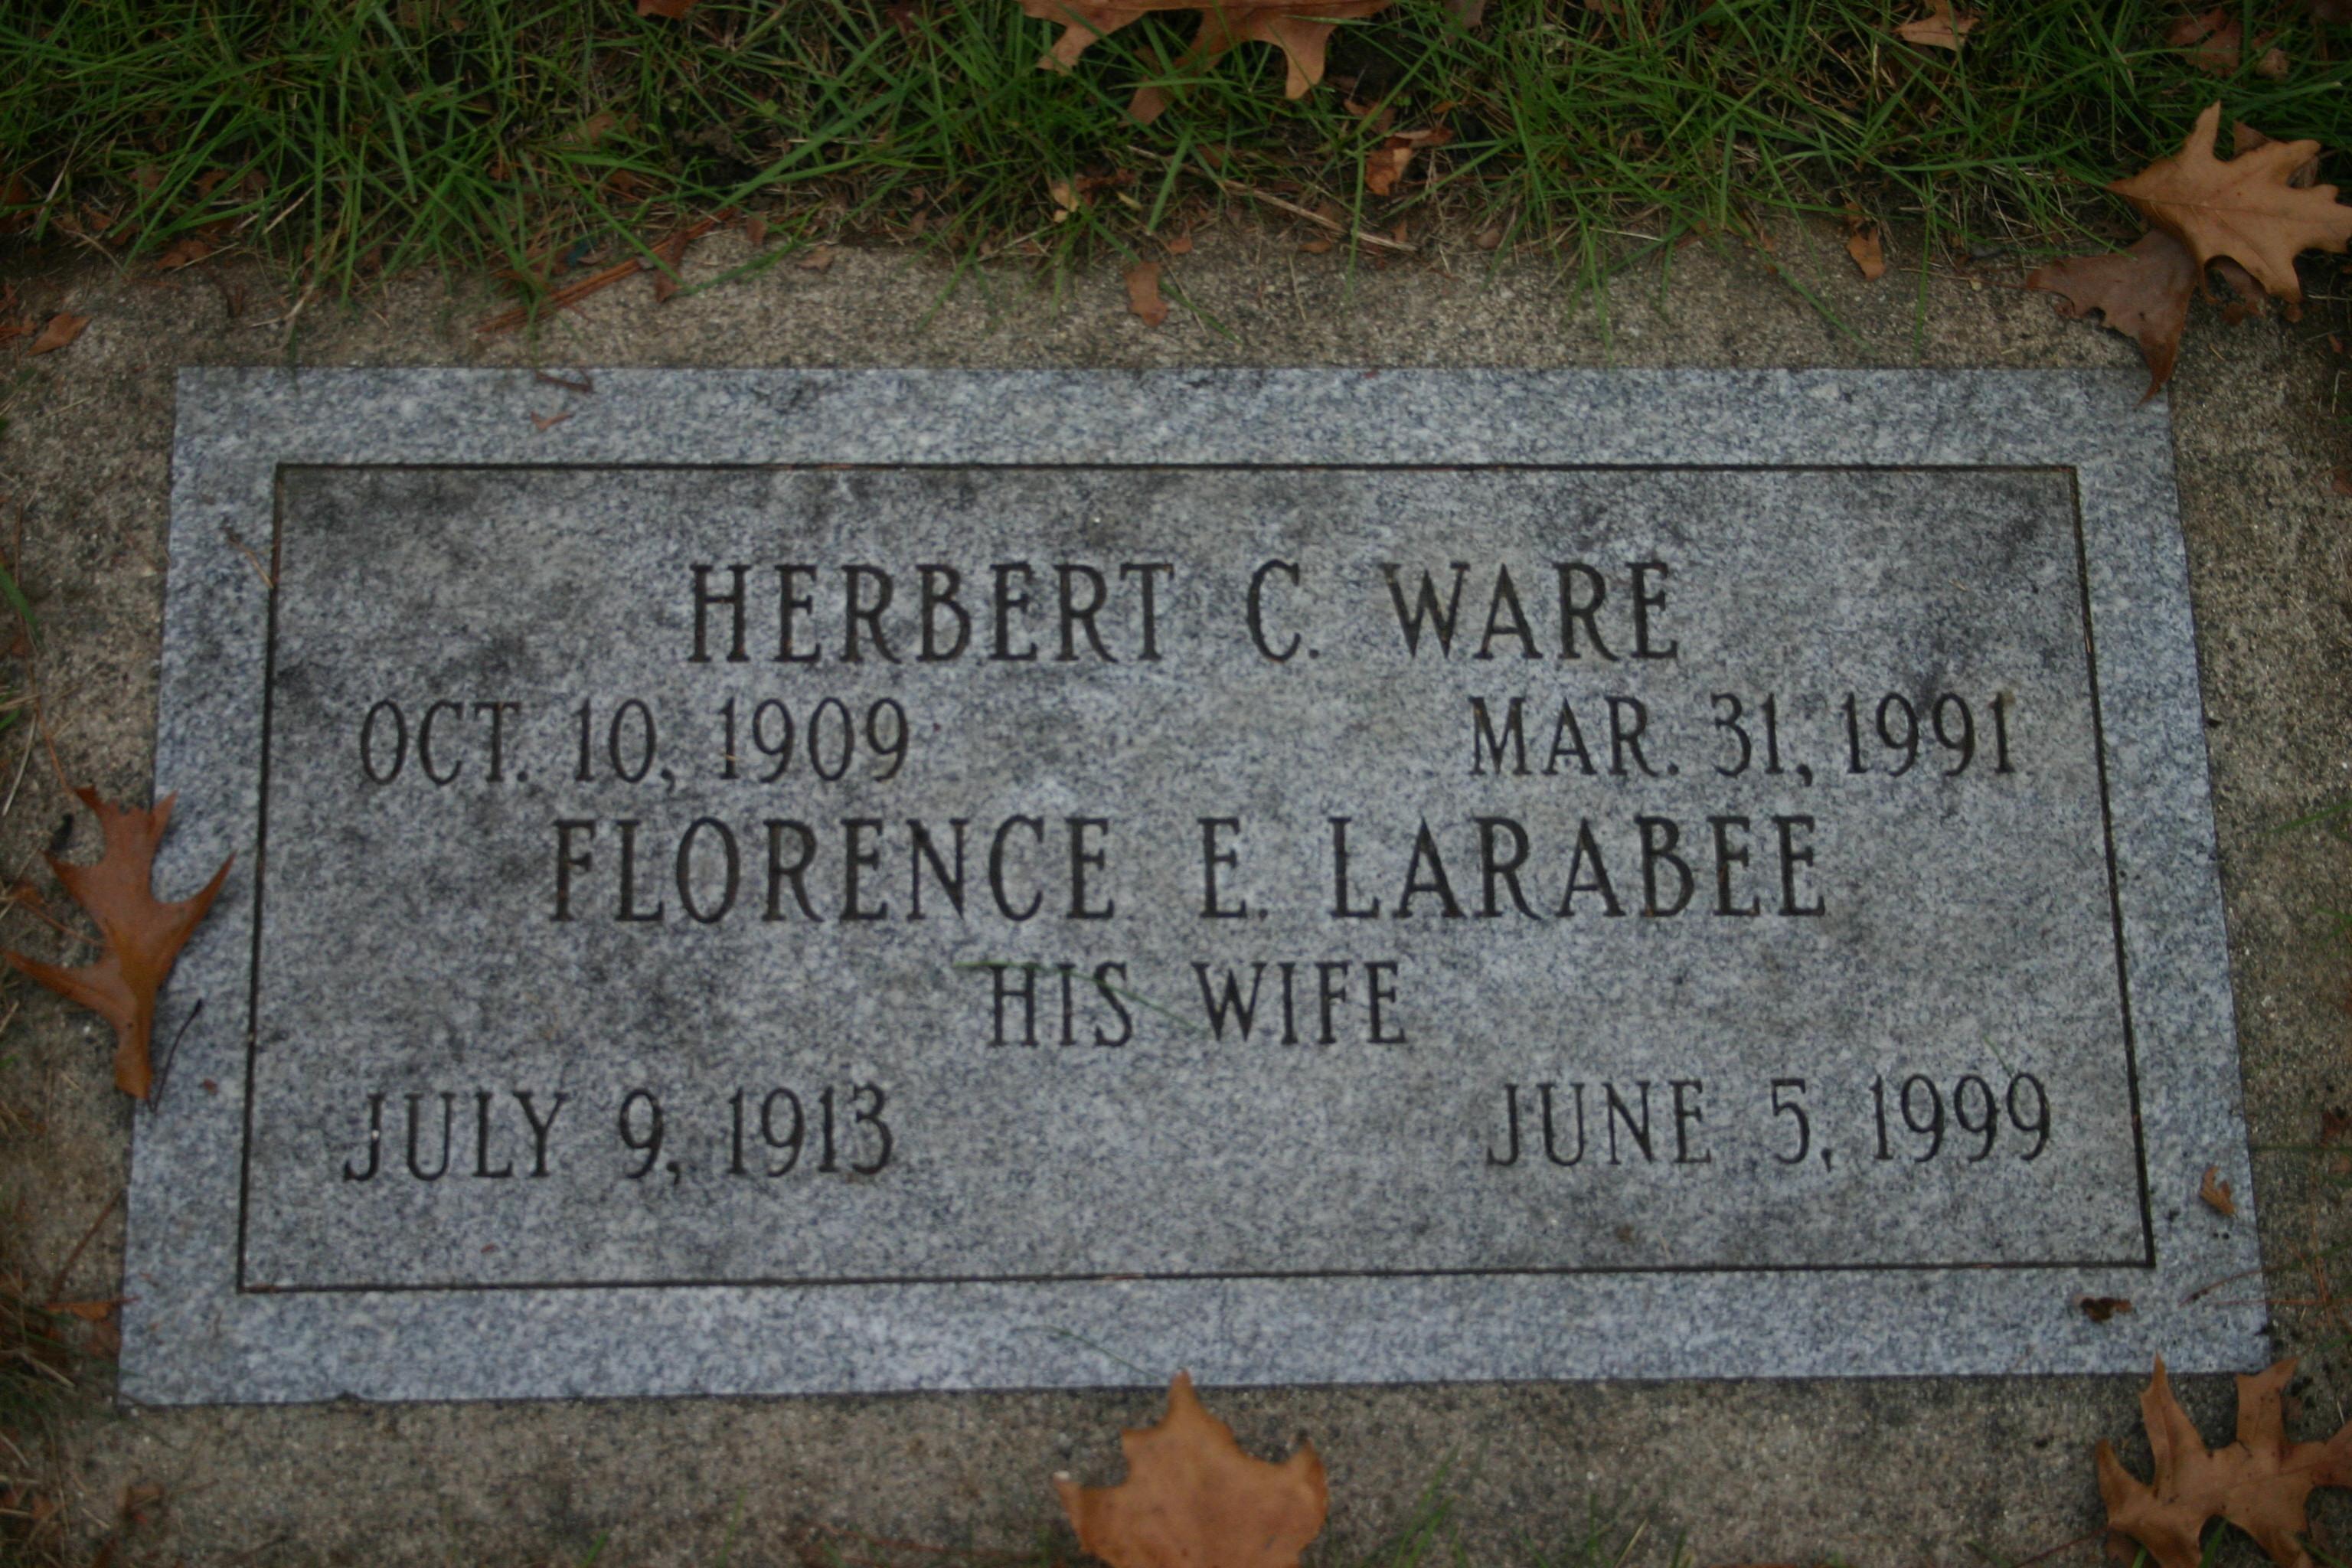 Clyde E Larabee